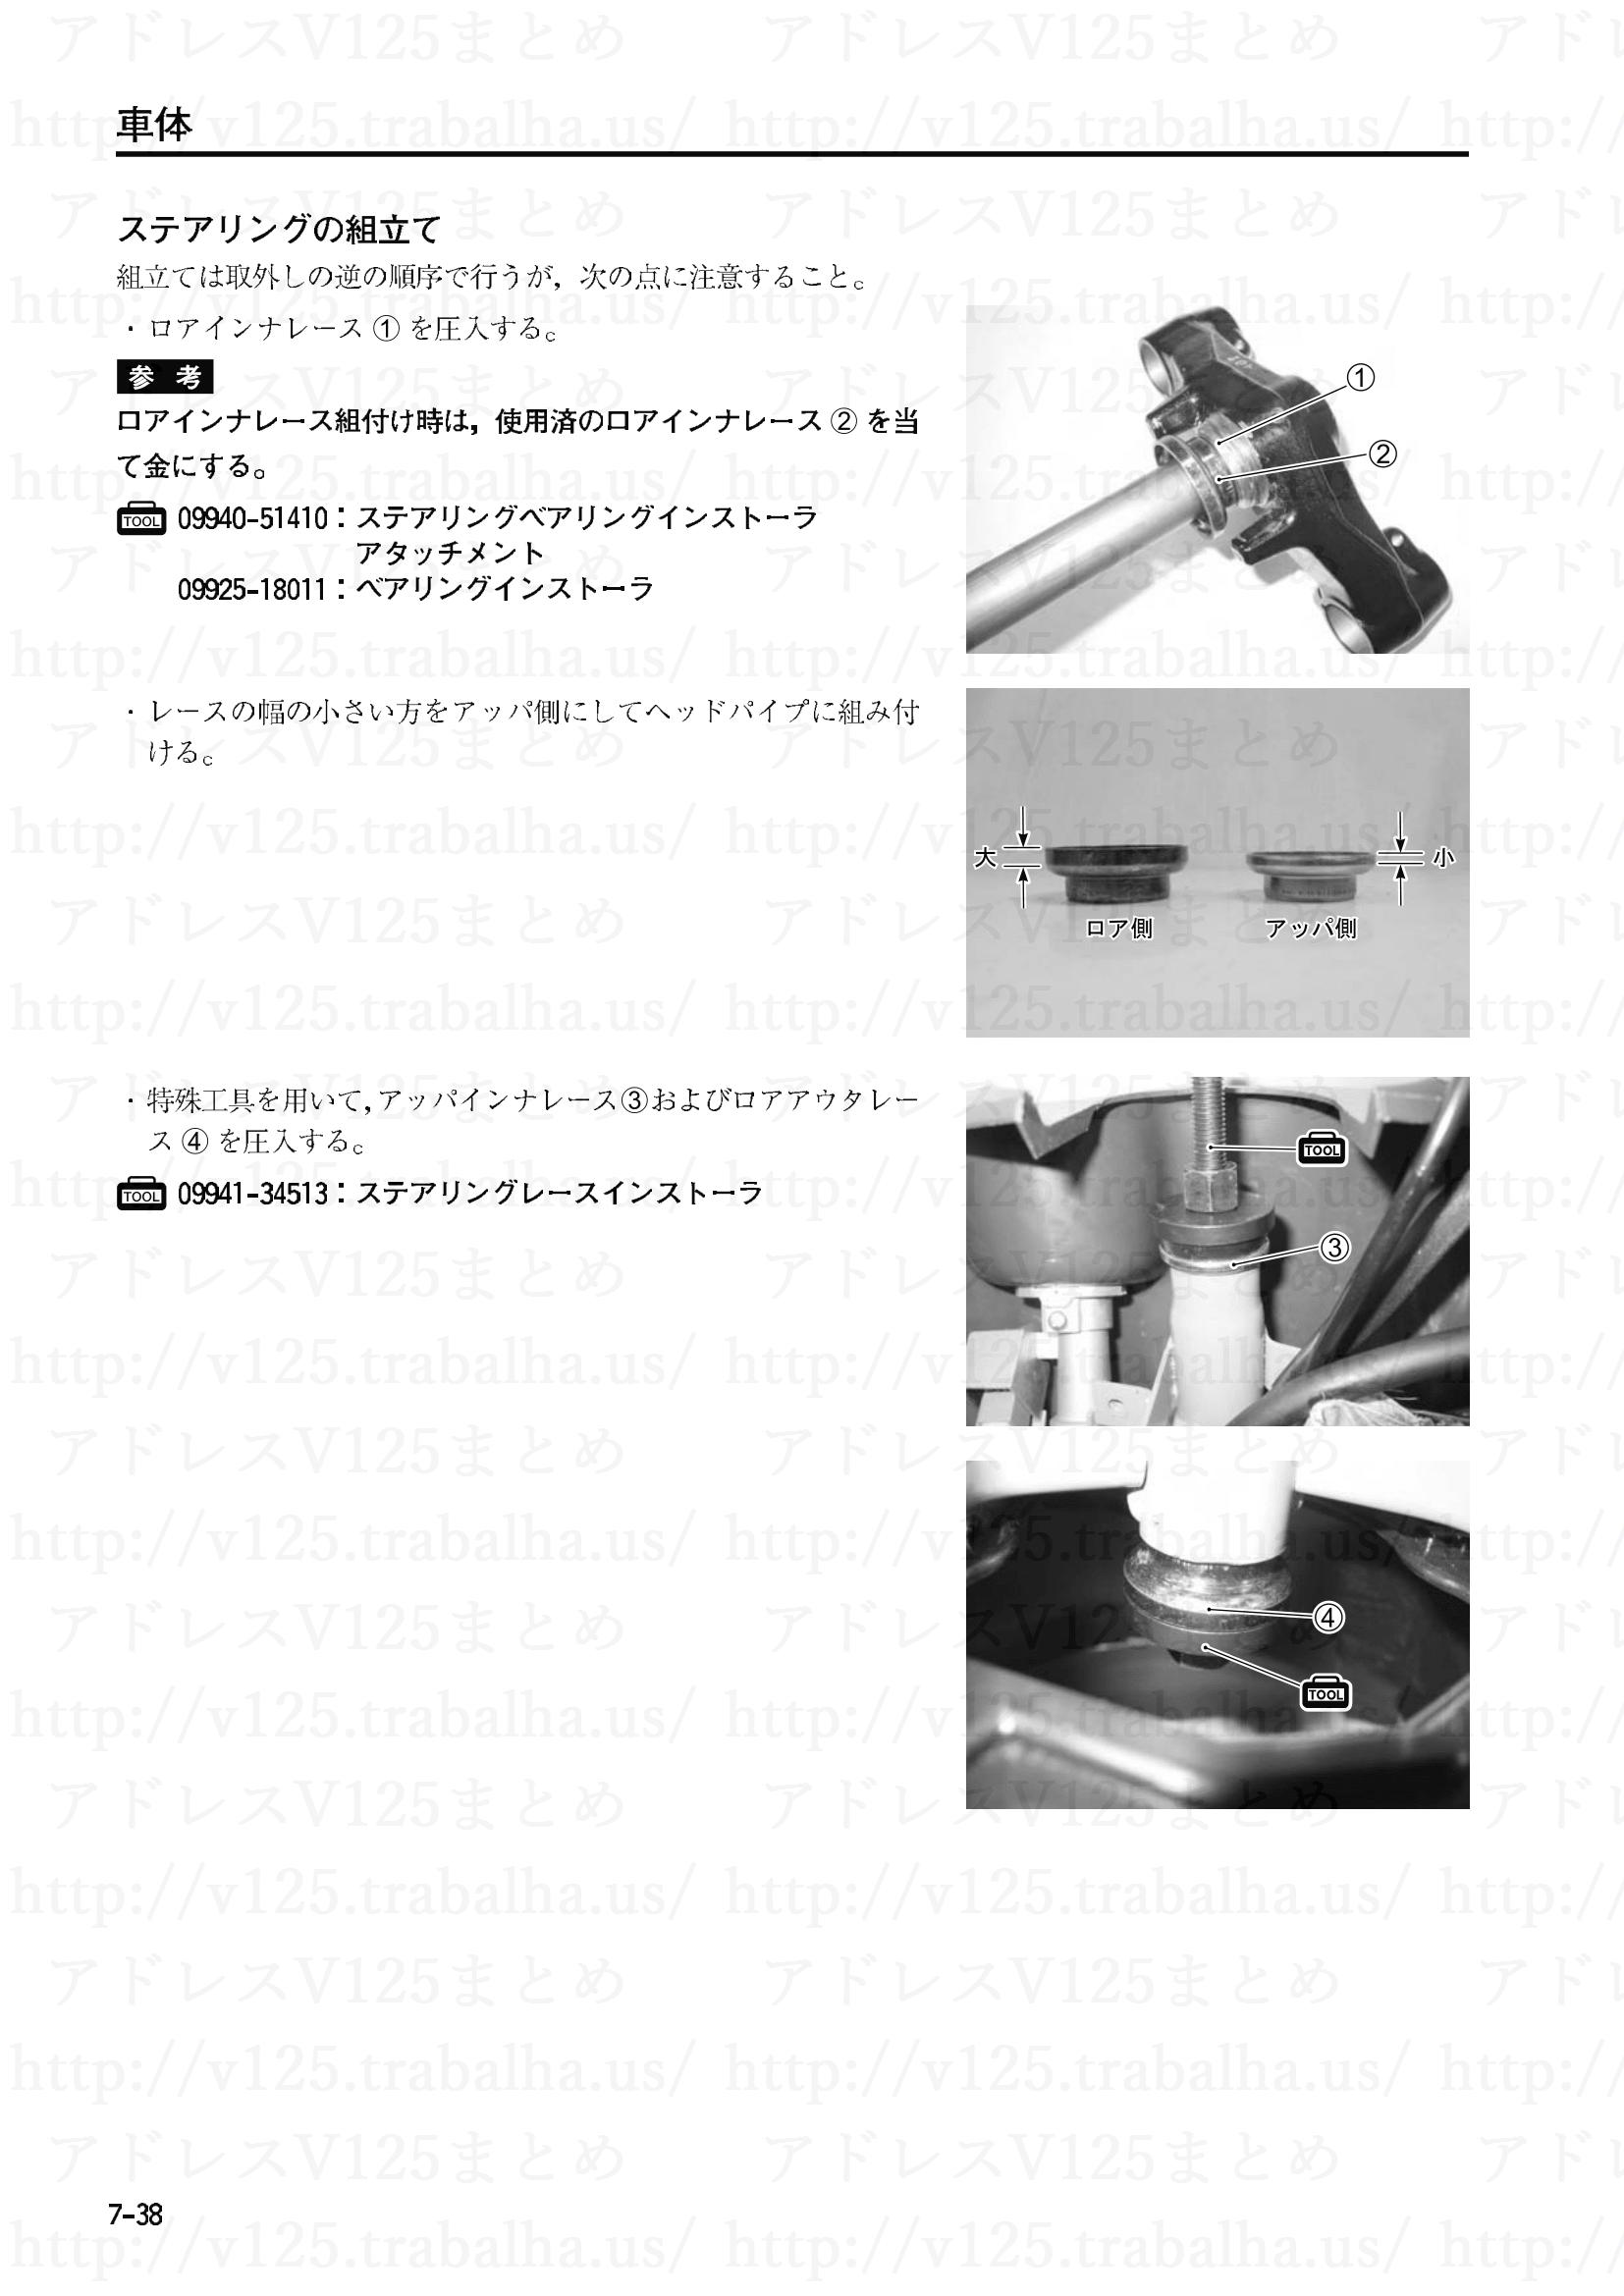 7-38【車体】ステアリングの組立て